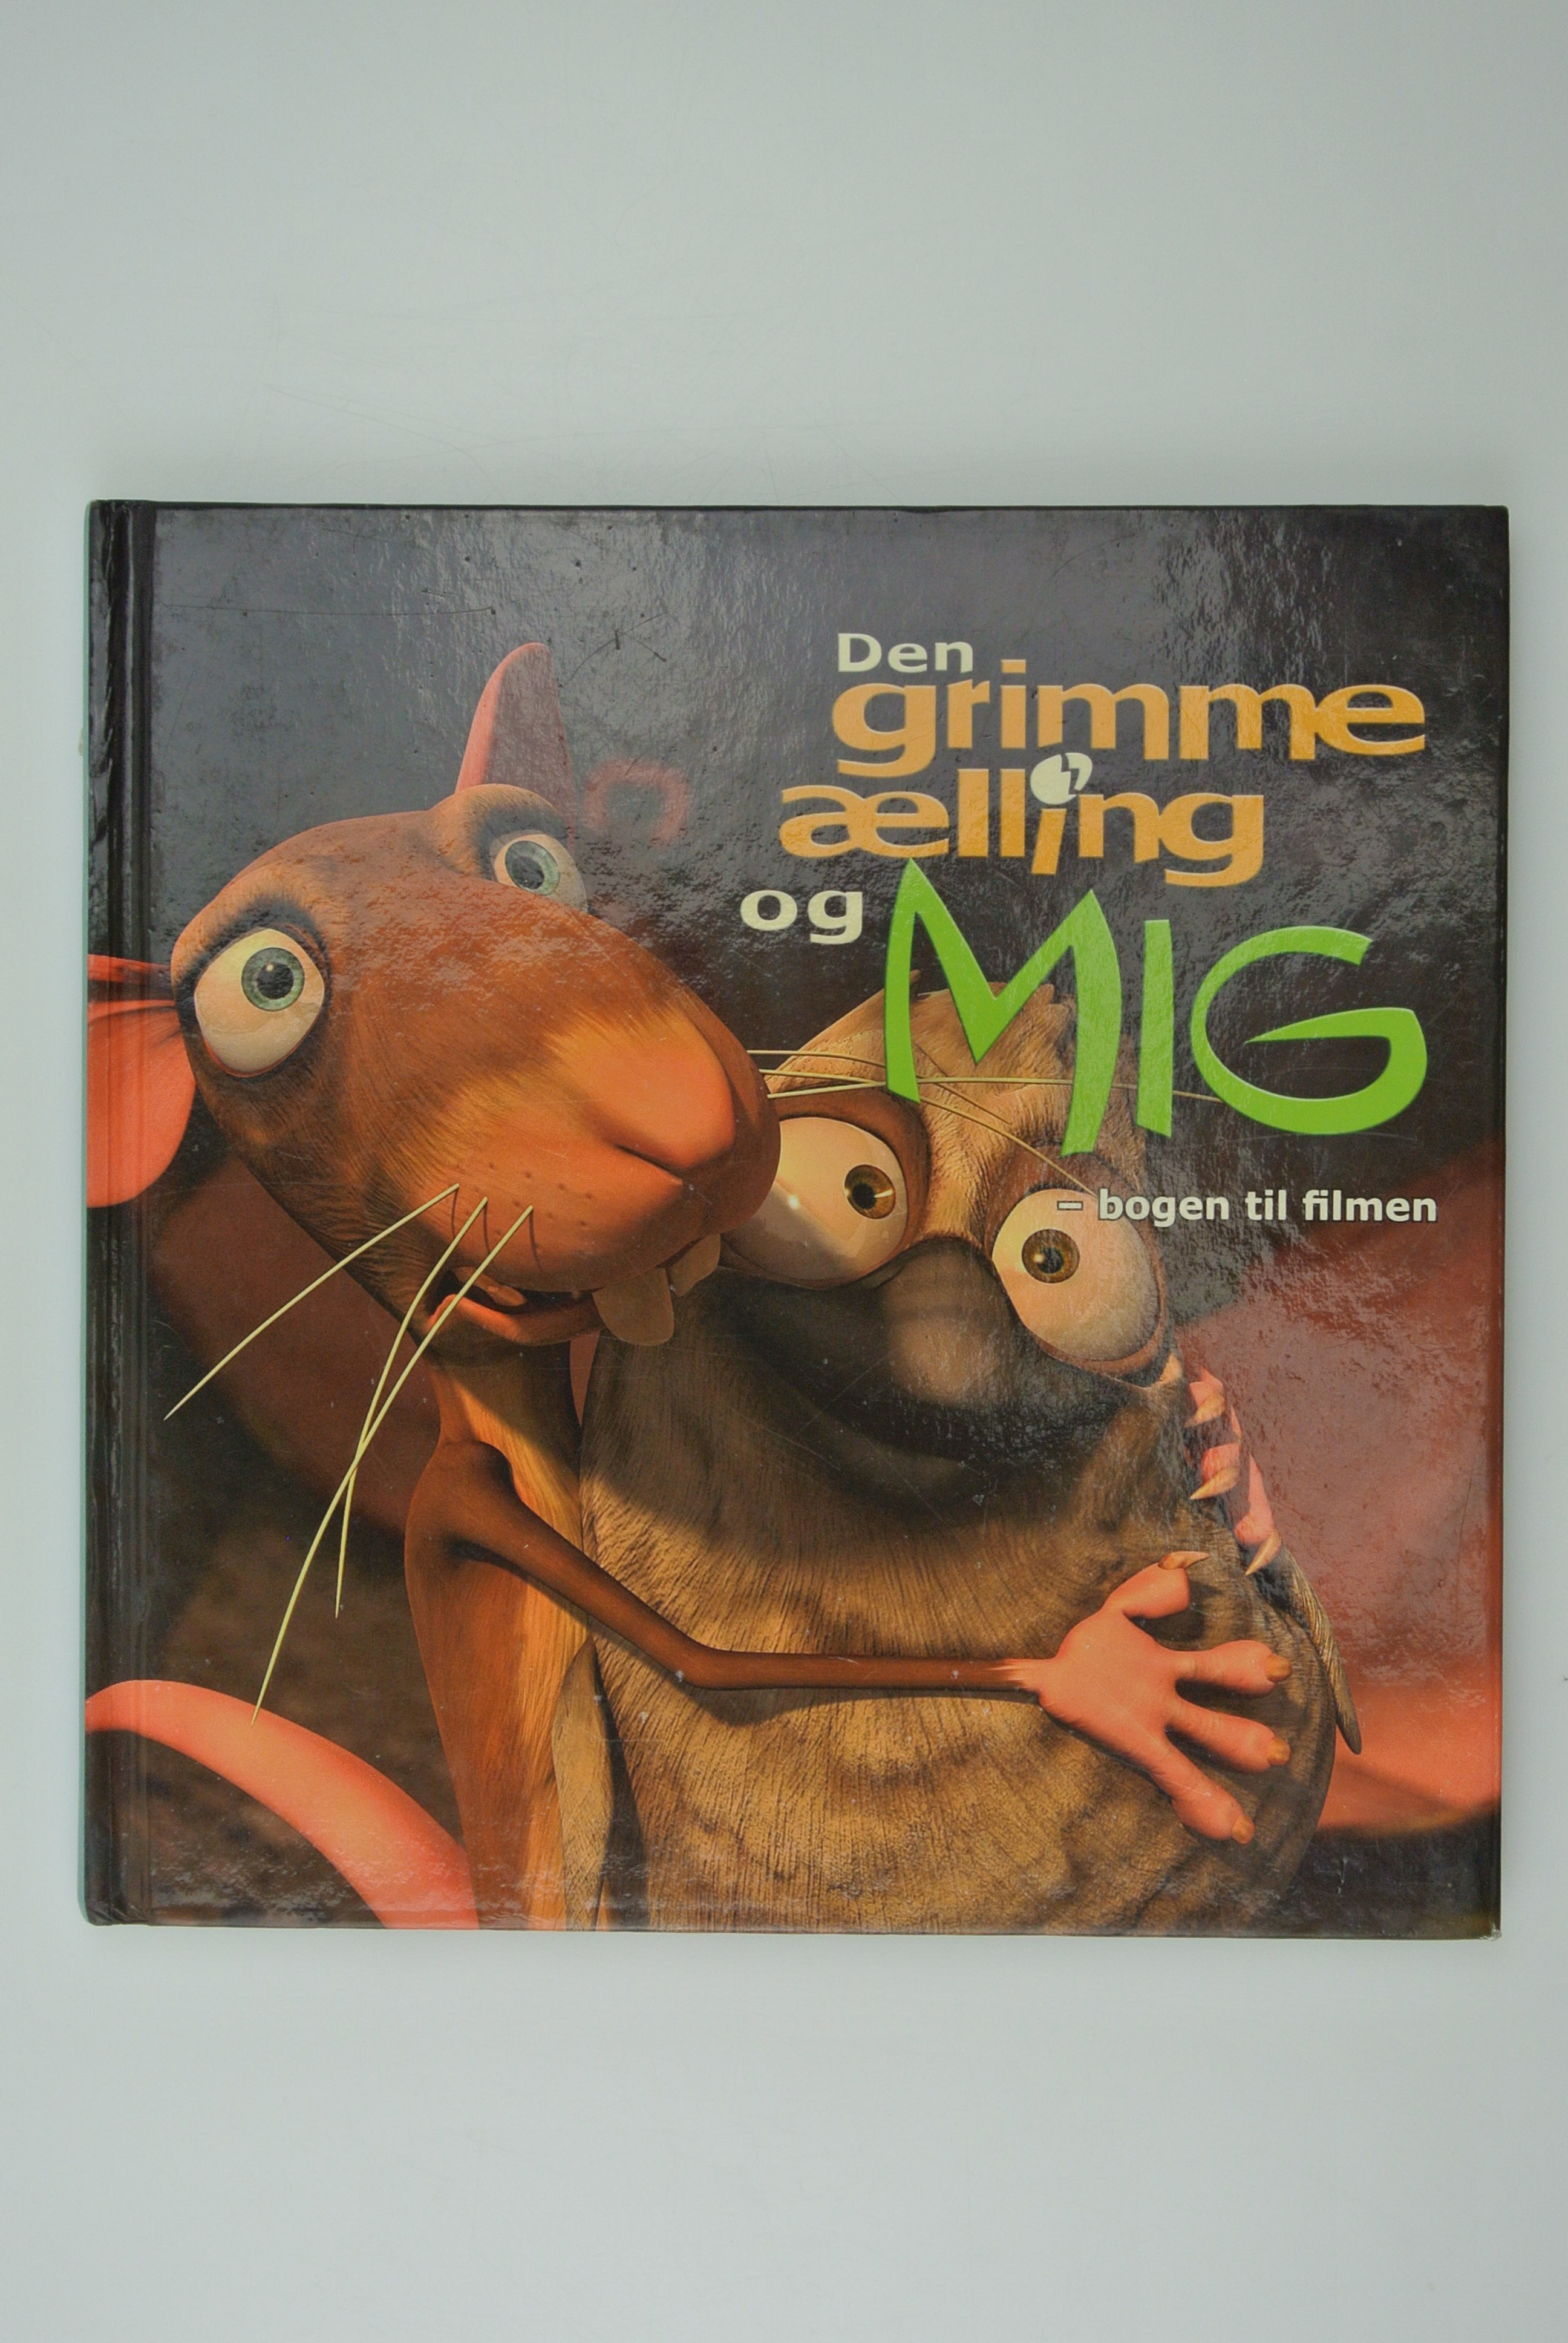 Den grimme ælling og mig bog